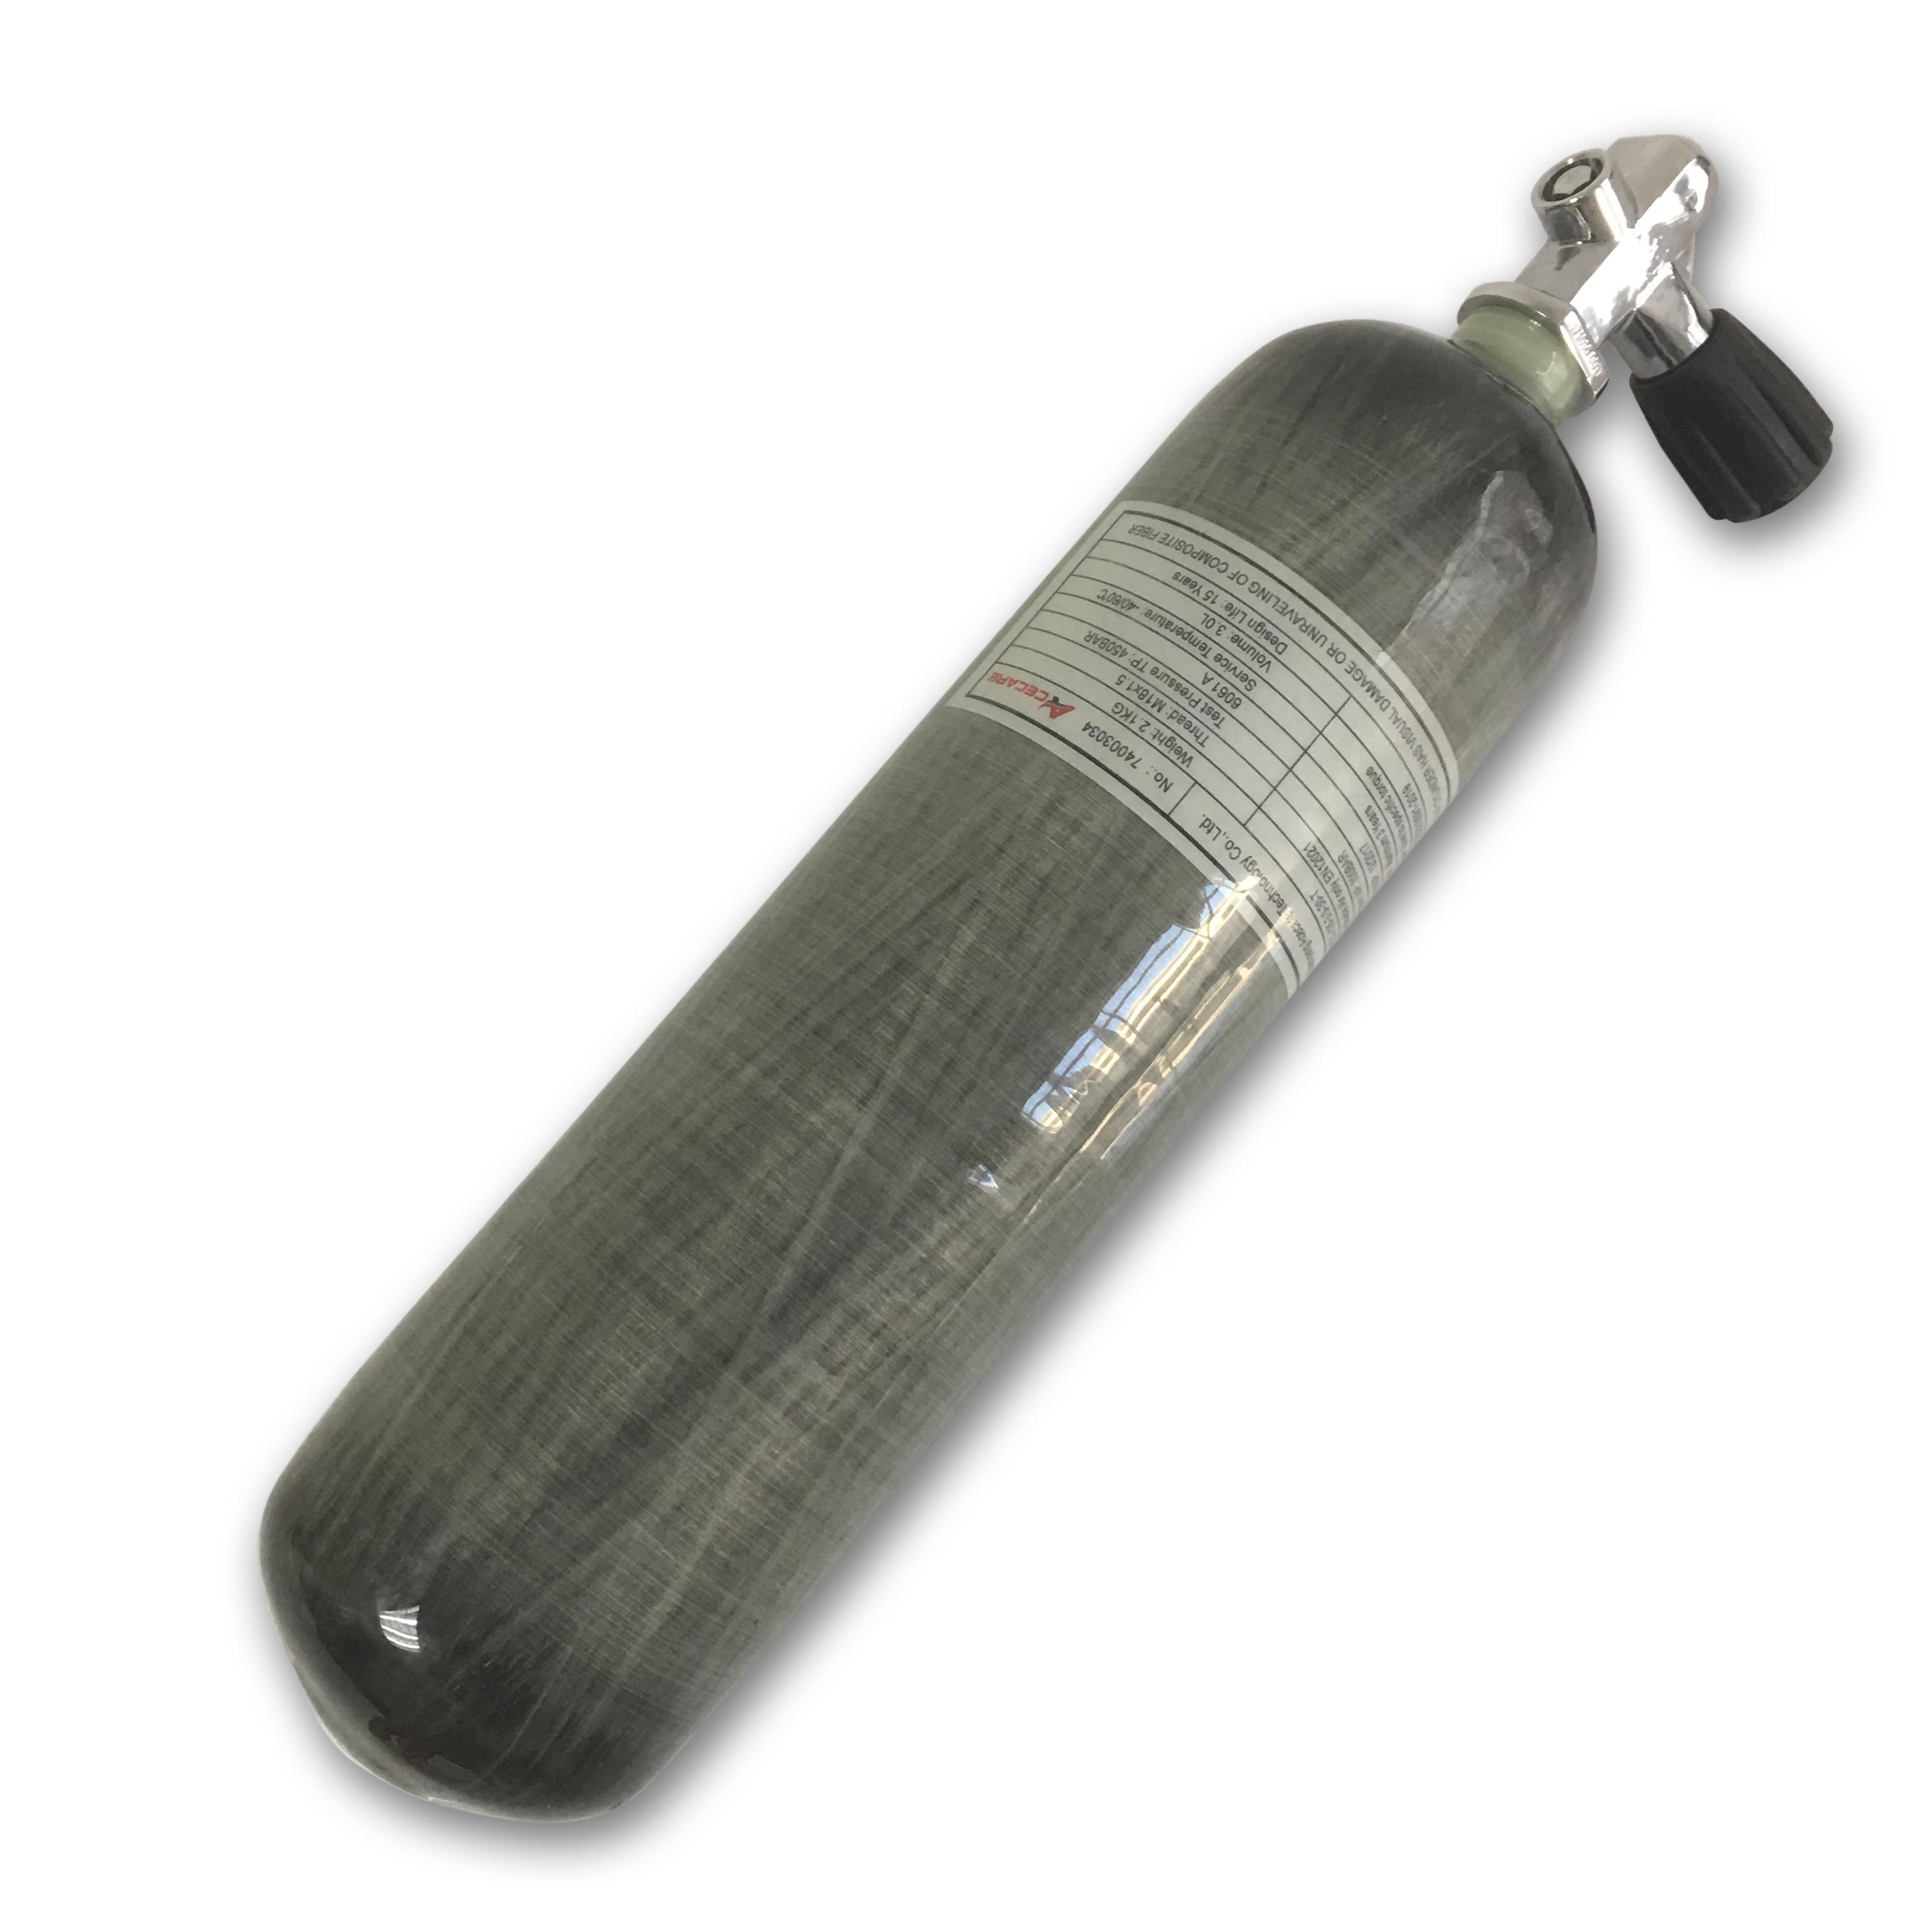 AC10351 Bottles 3L 4500psi Gas Cylinder Scuba Mini Diving Rifle Compressed  Pcp Air Rifle Paintball Tank Airsoft Air Guns 2019